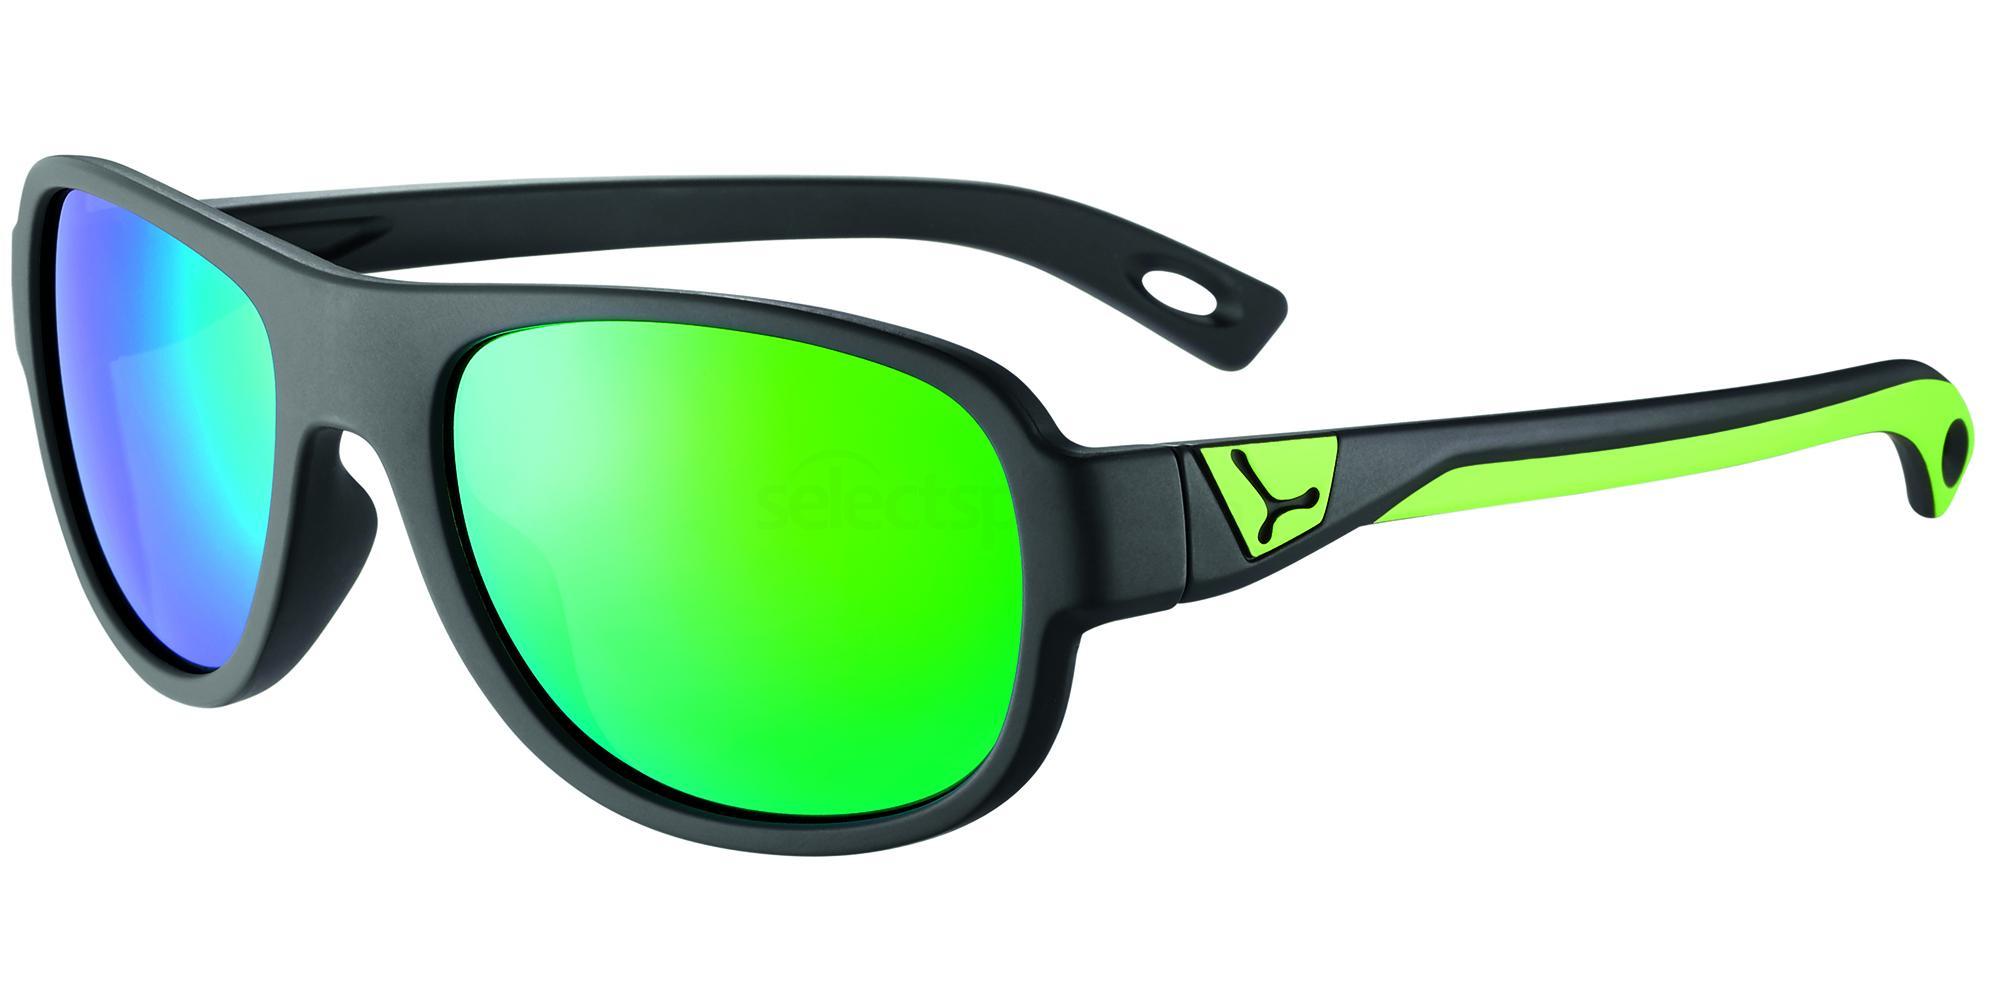 CBZAC1 ZAC (Age 5-7) Sunglasses, Cebe JUNIOR